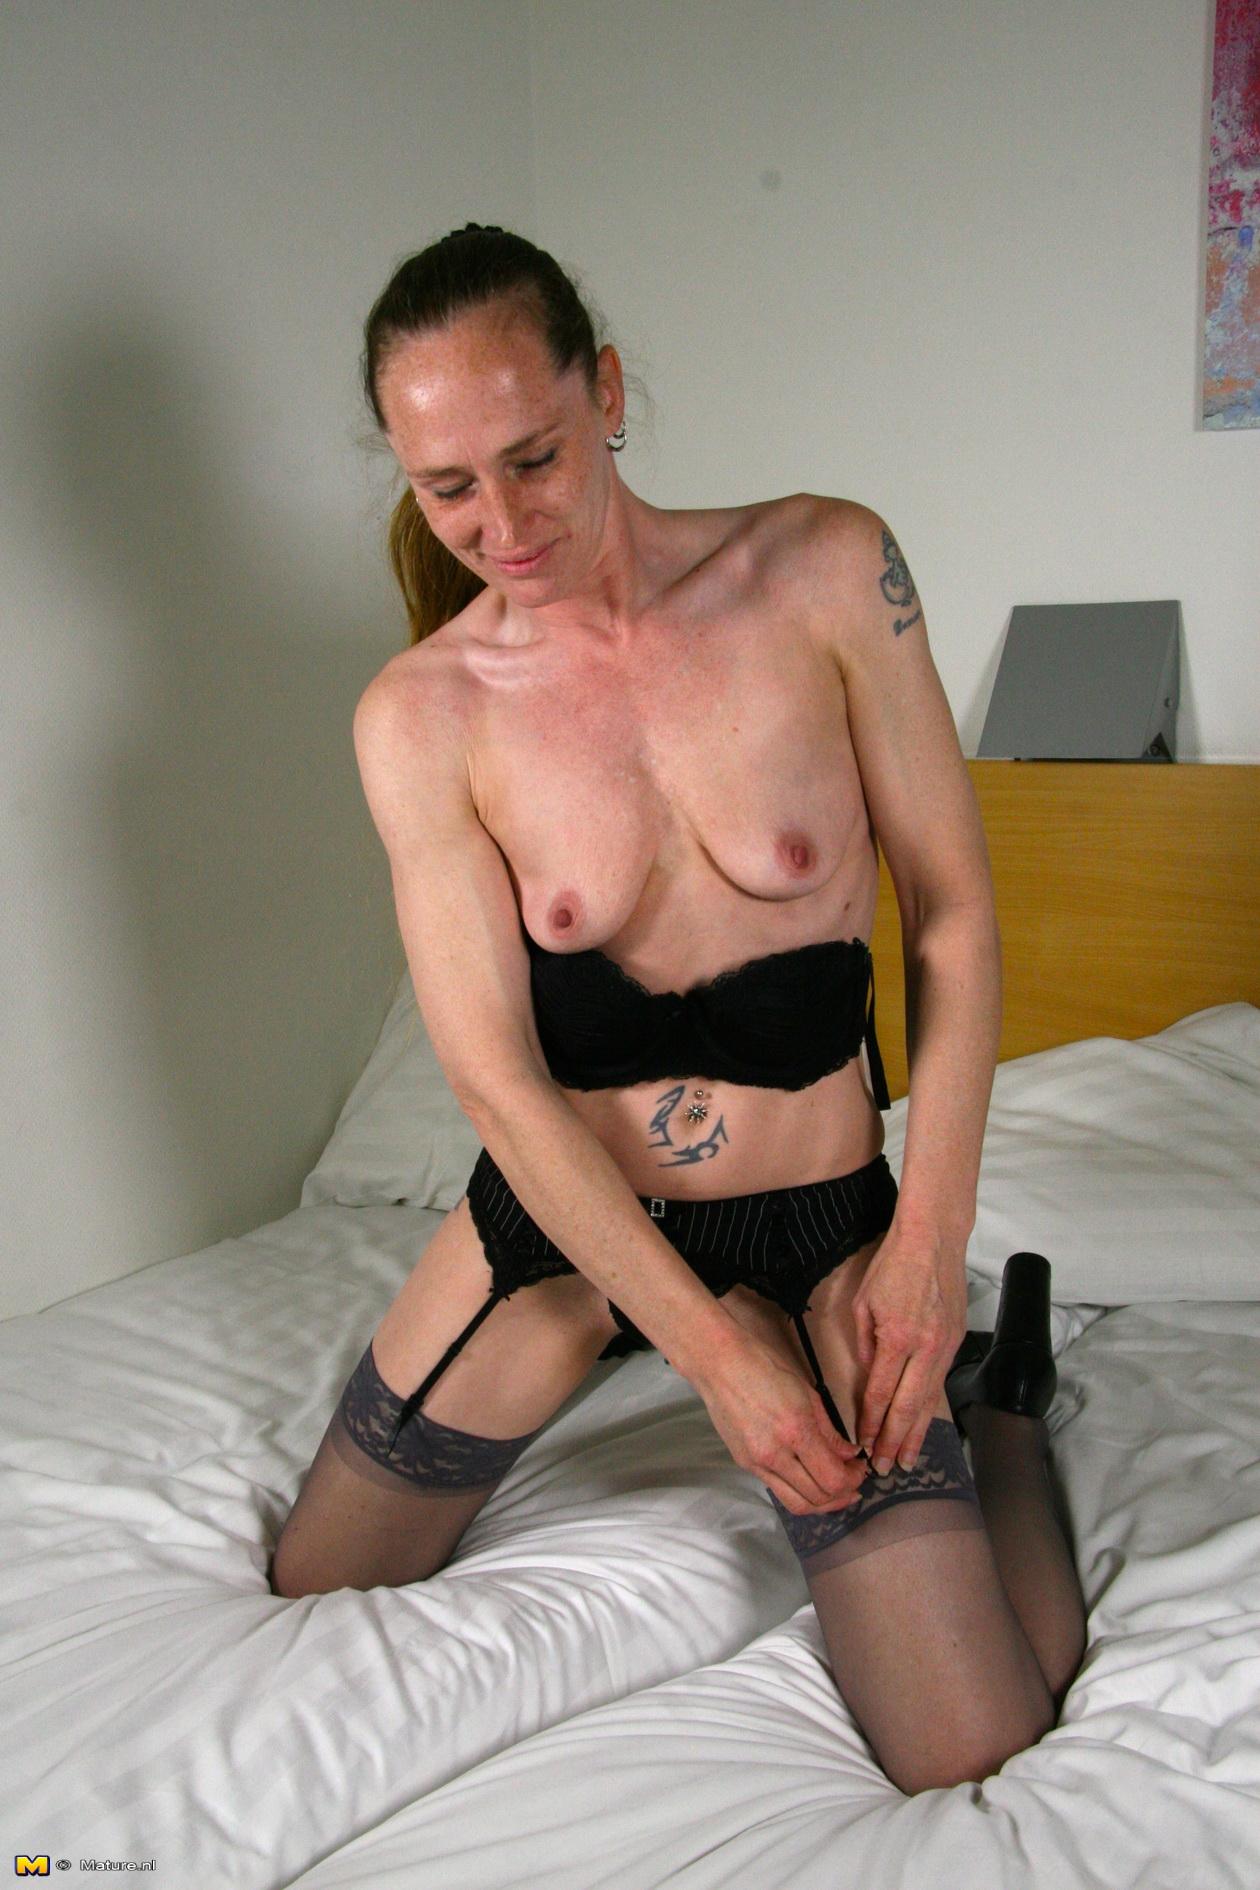 Dutch milf mature porn photo